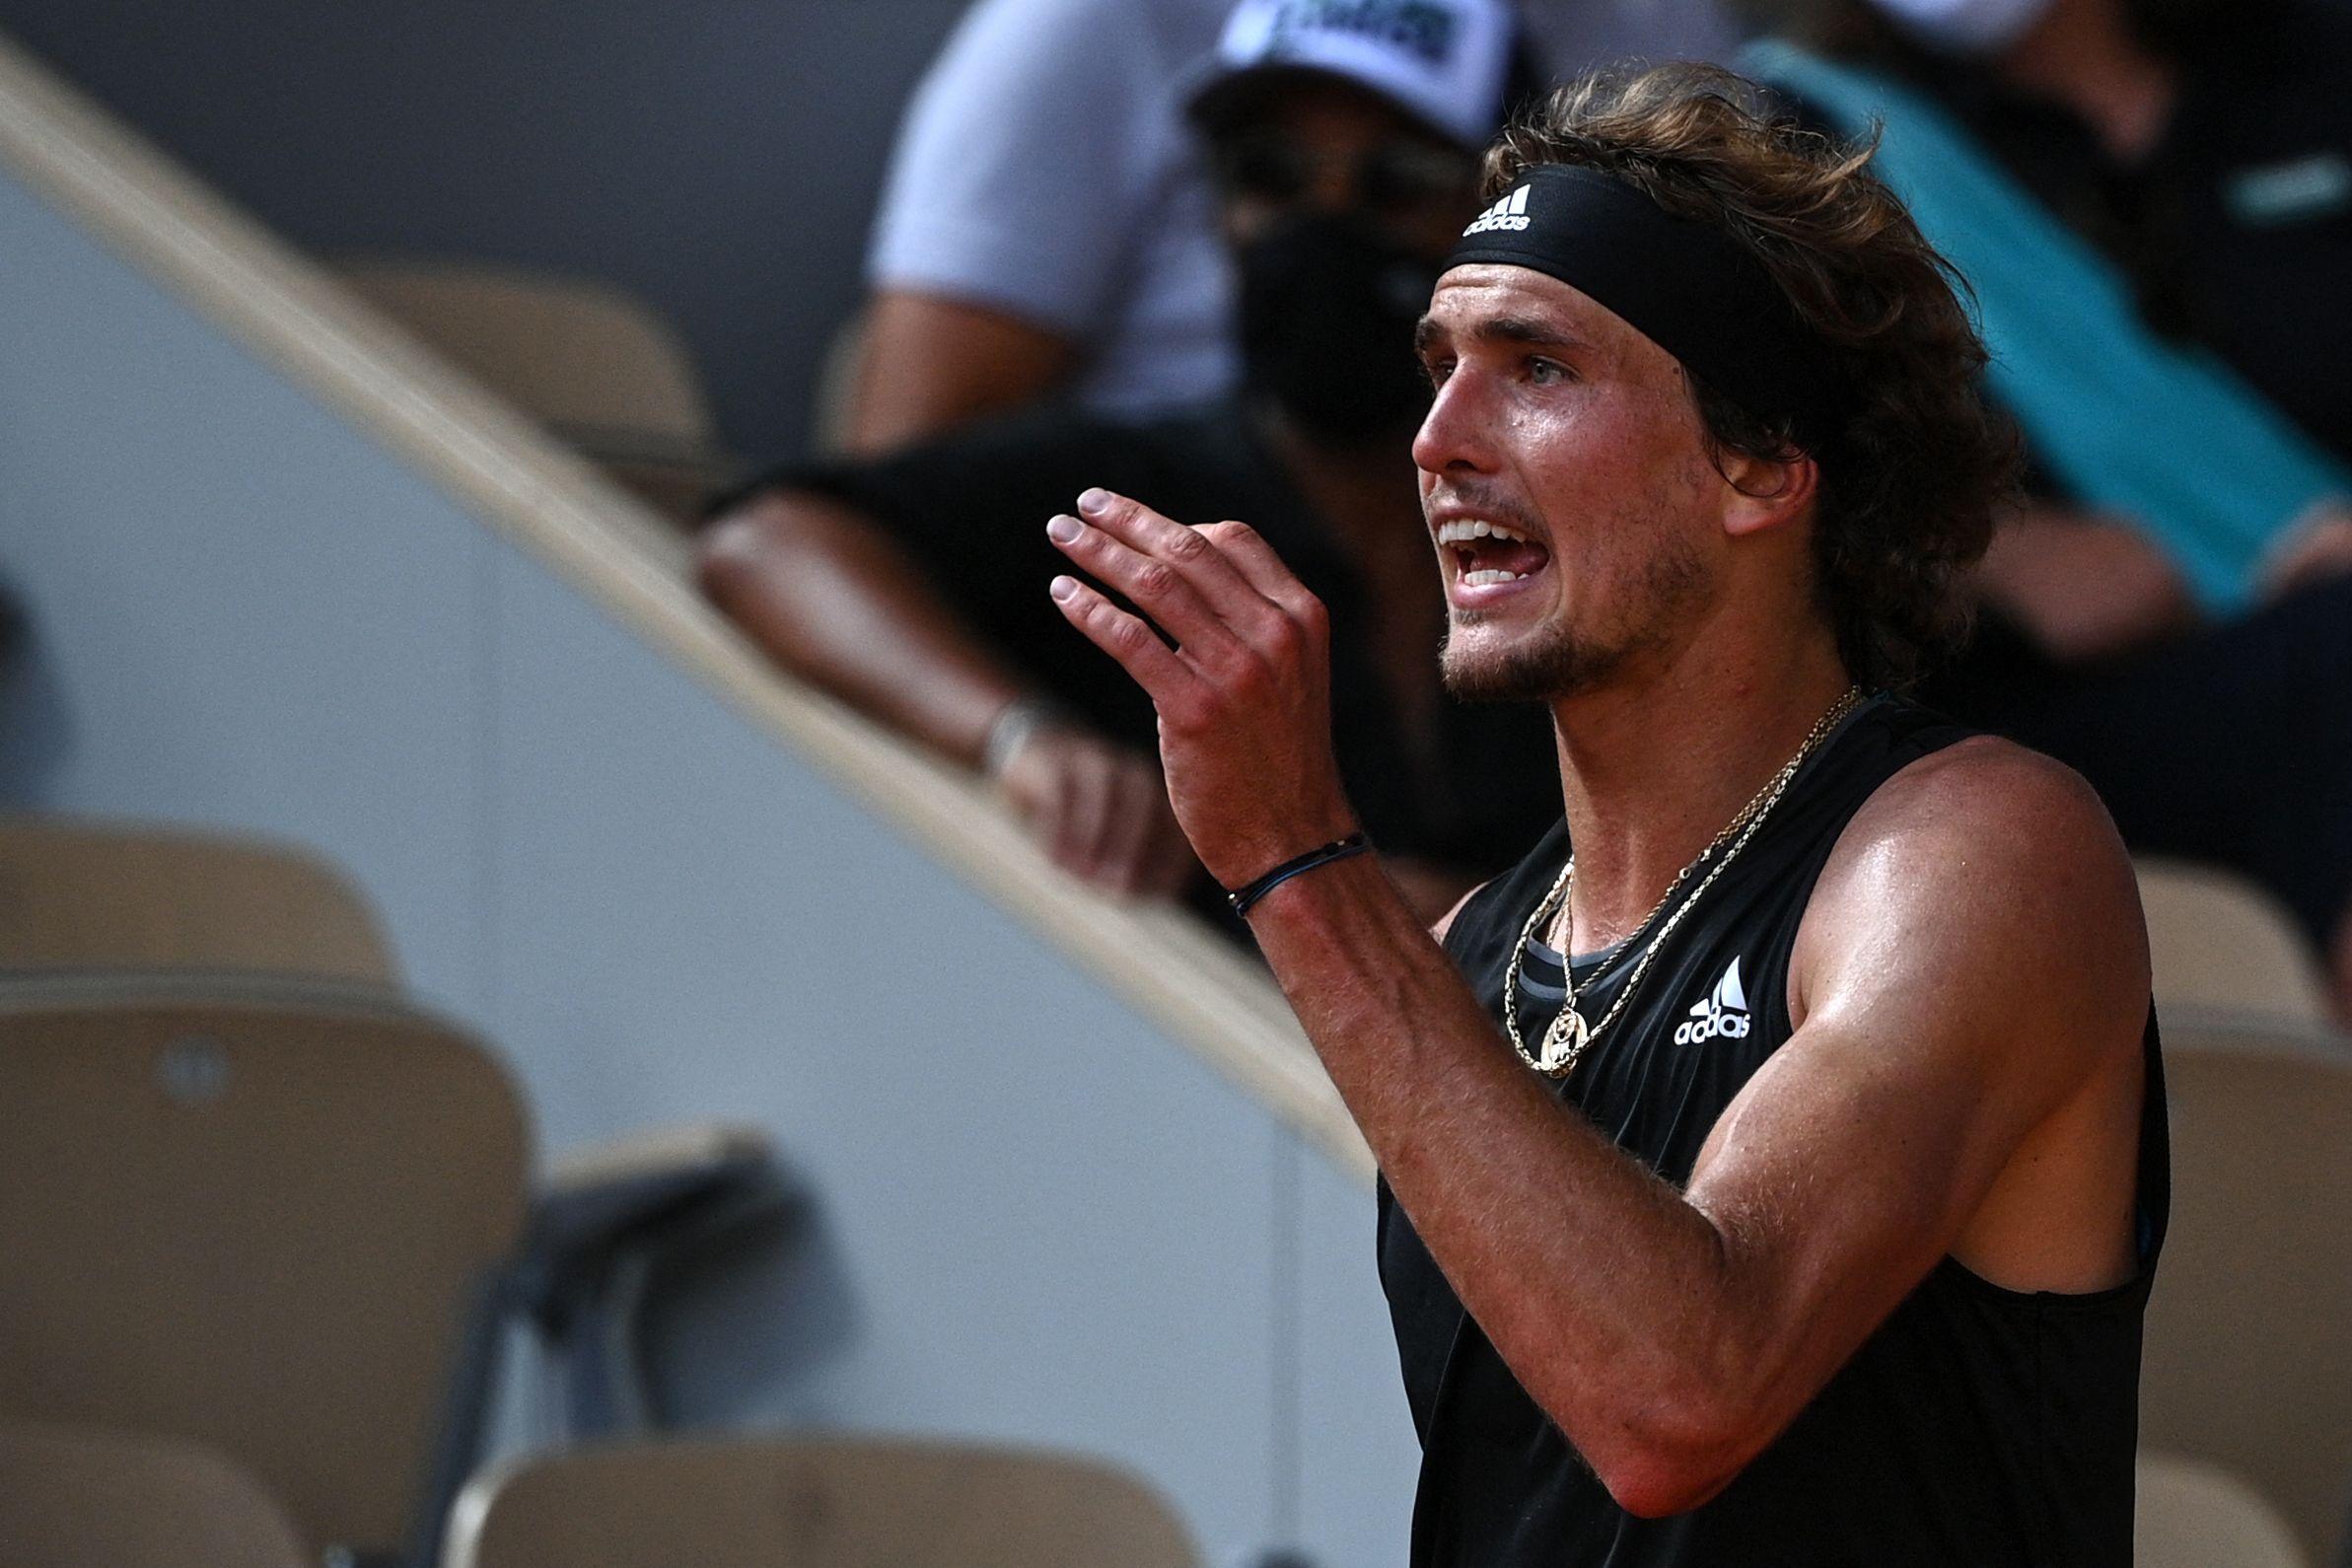 Er hat sein letztes Hemd gegeben - doch es hat nicht gereicht: Alexander Zverev scheidet im Halbfinale der French Open aus.